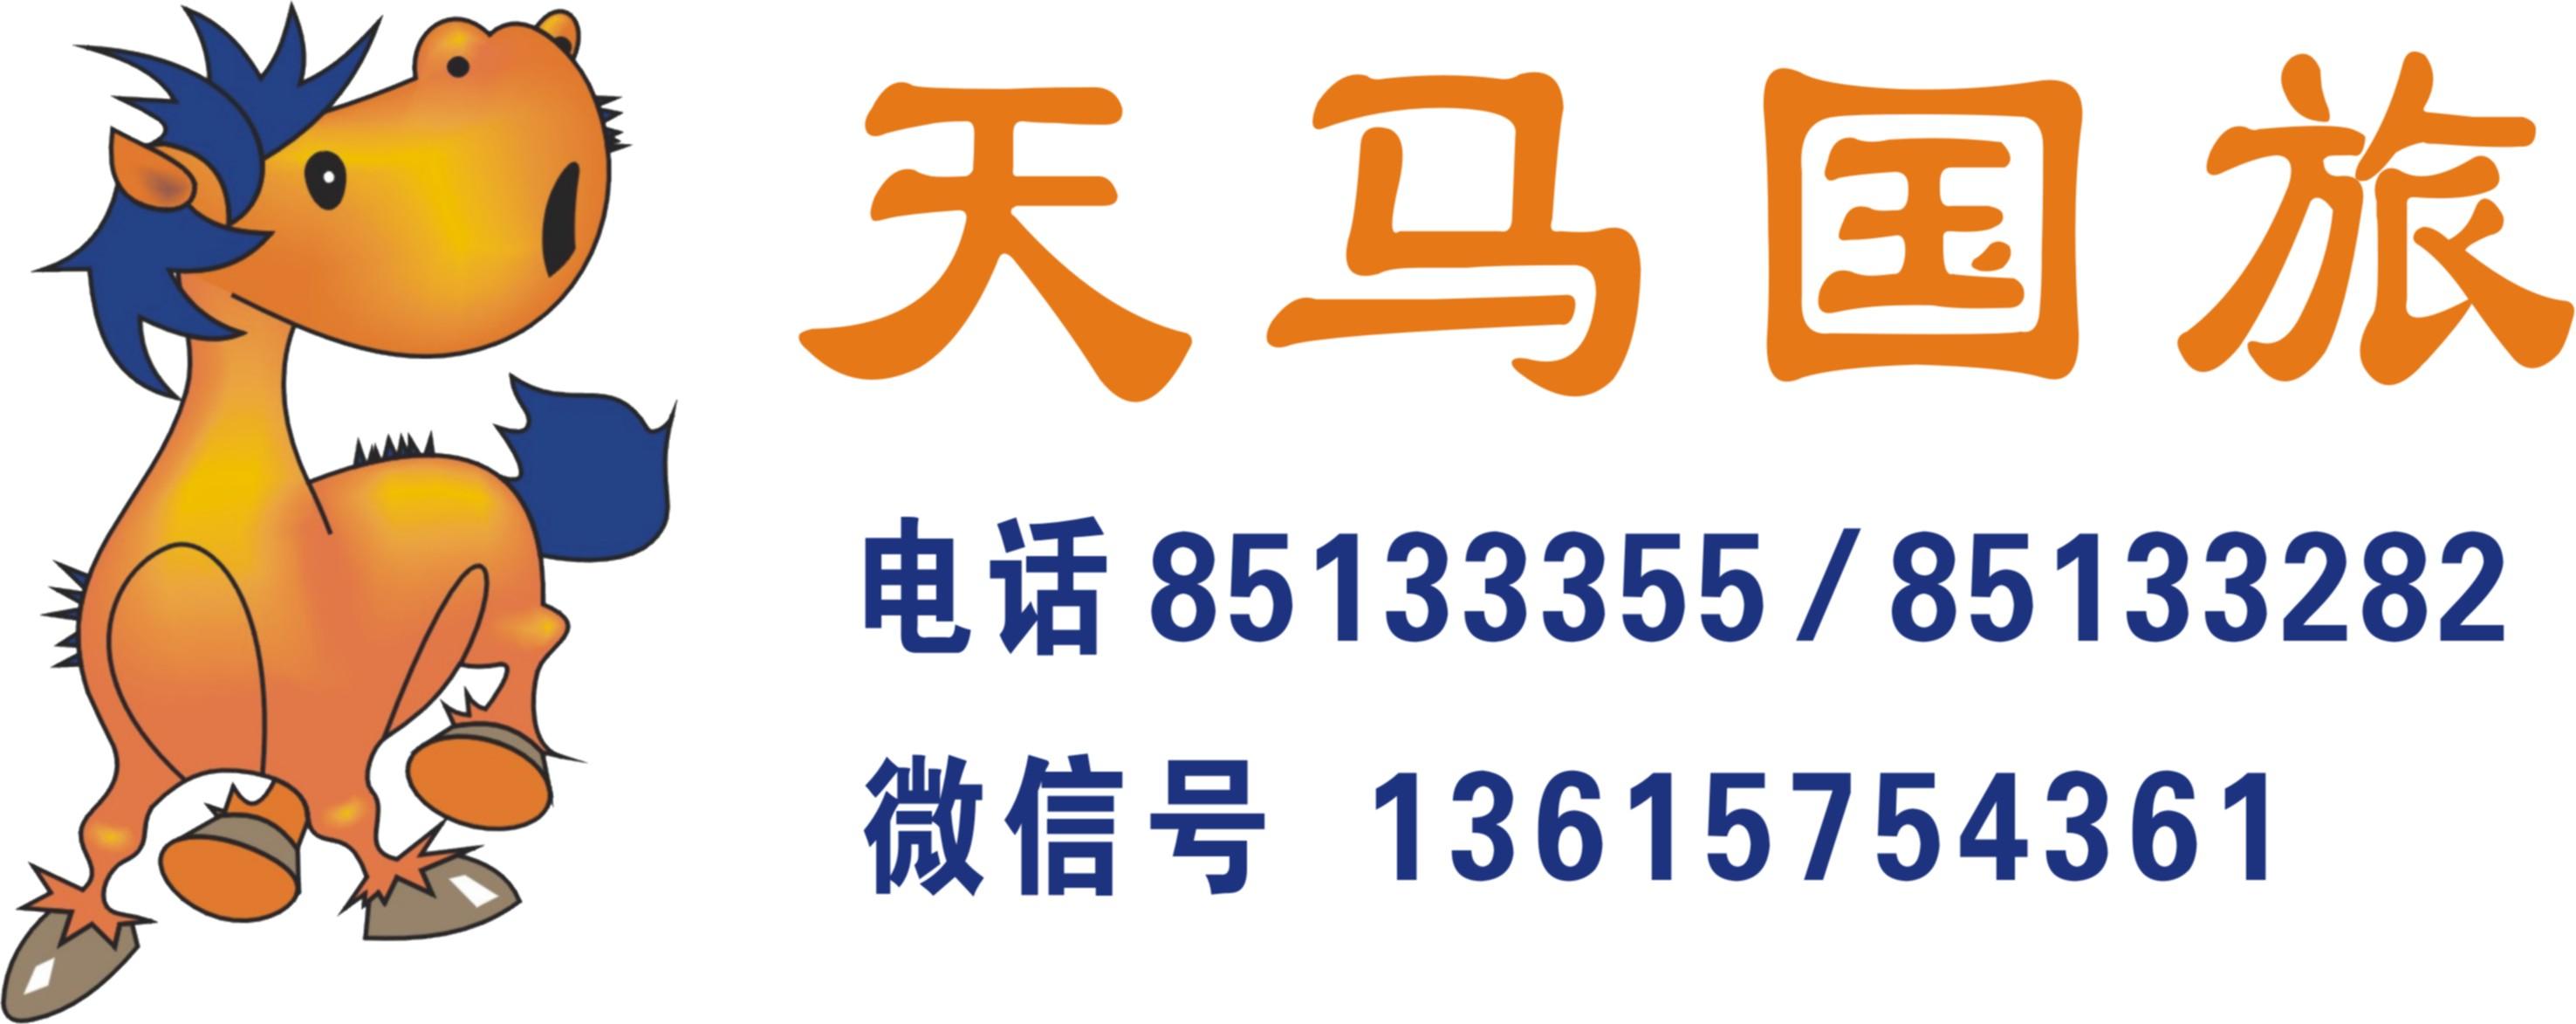 7.6【衢山岛、原生态慢生活海岛风光二日】